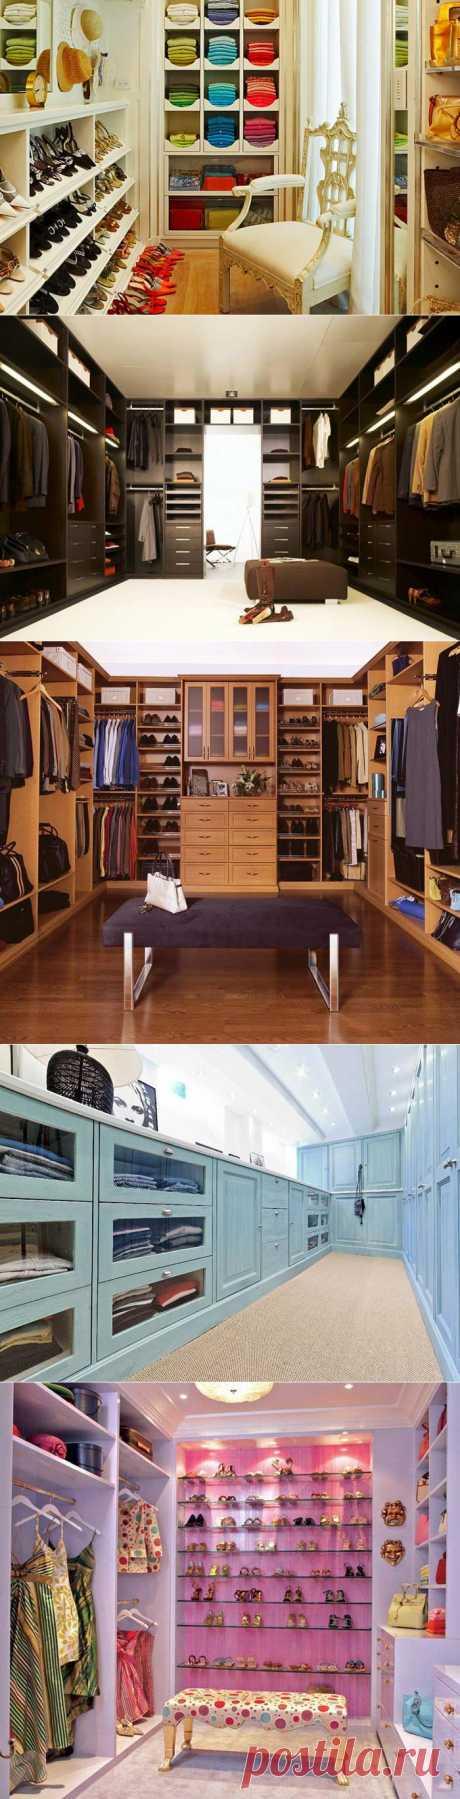 Красивые гардеробные комнаты (16 вдохновляющих фотографий).